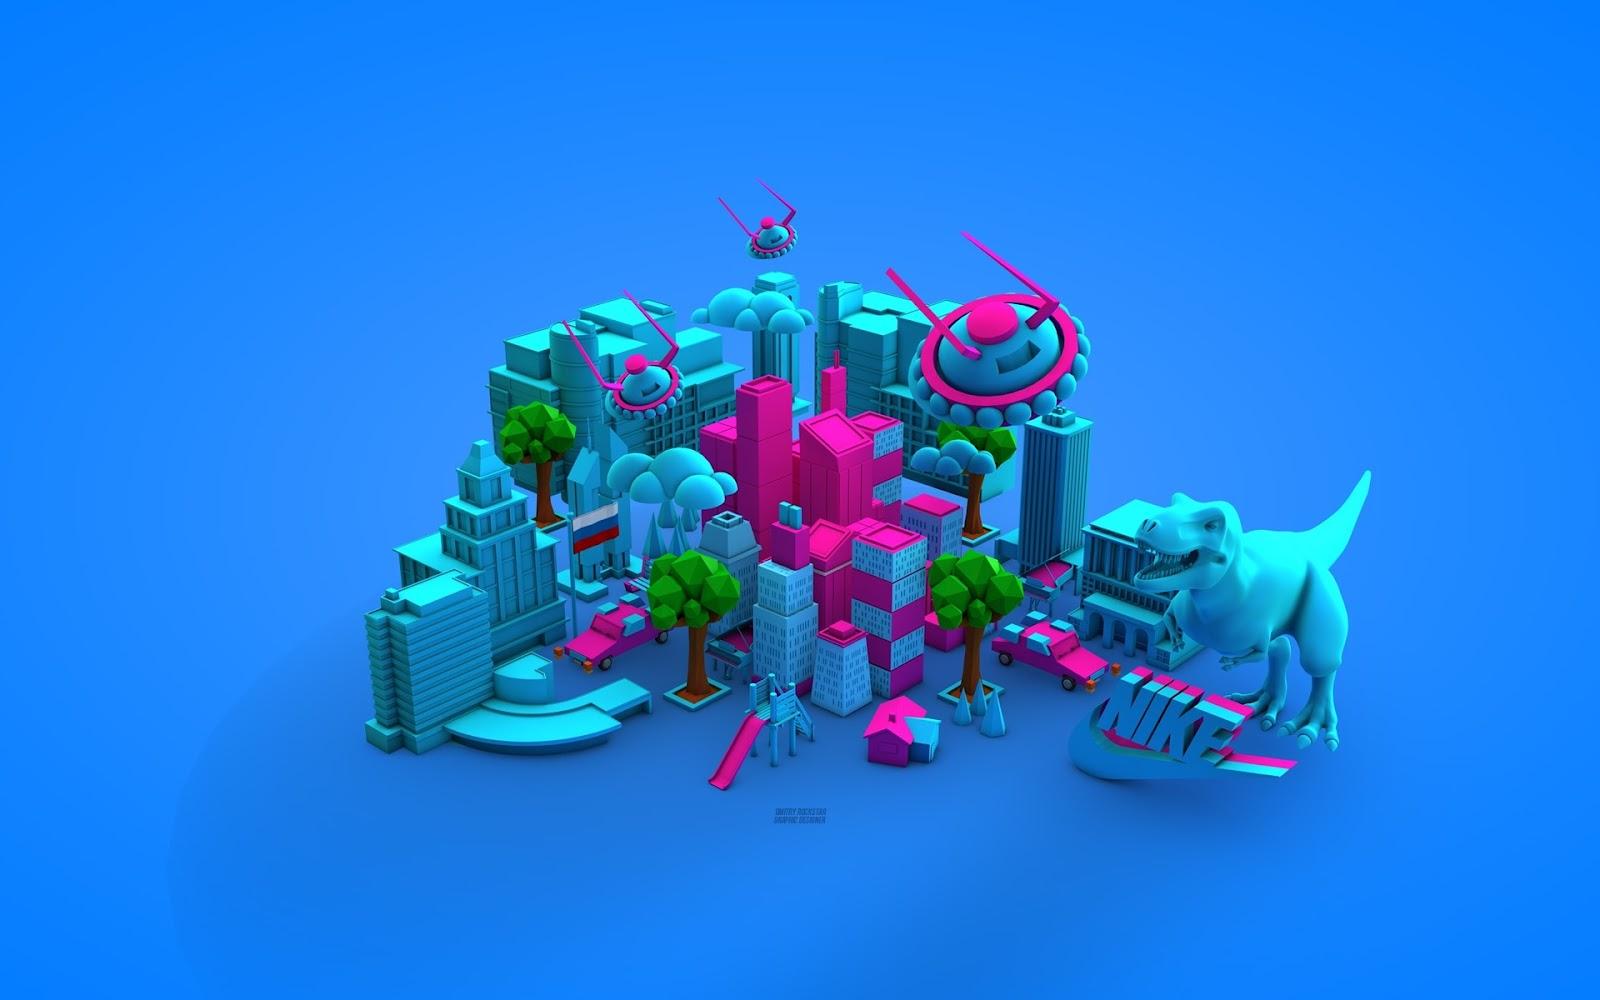 http://2.bp.blogspot.com/-BTg8SPOOnm4/T6HfLU2p8cI/AAAAAAAAbl4/23R2D4rFgsI/s1600/3D-Wallpapers_02.jpg